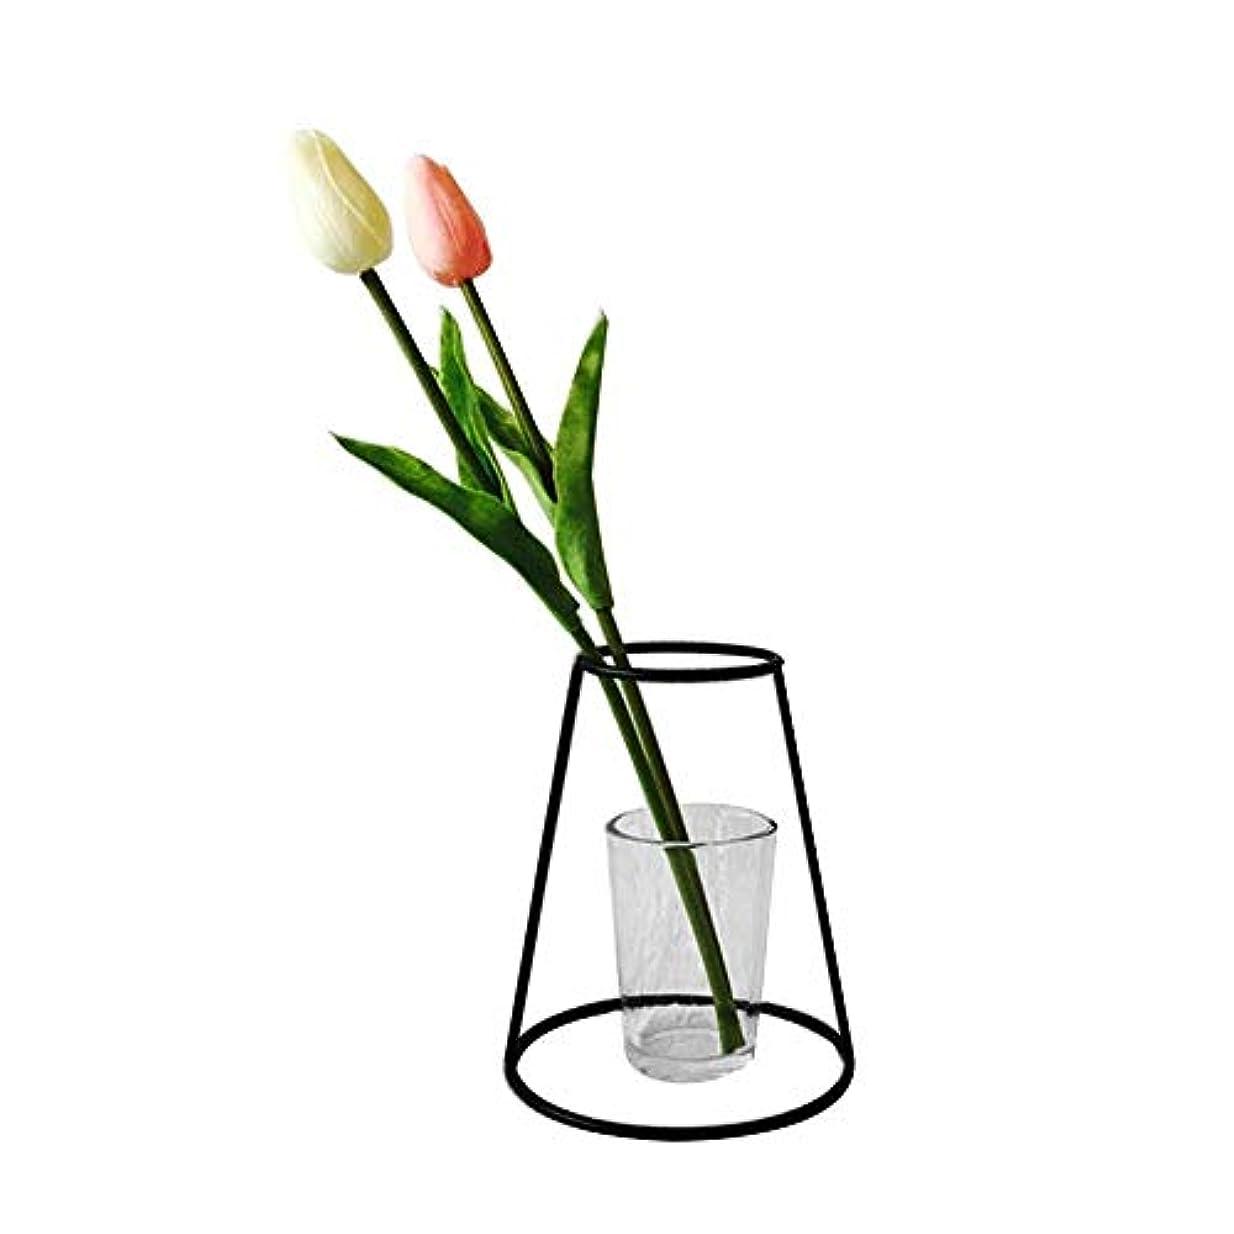 モッキンバードトレイいうJicorzo - グローブフェアリーミニチュアガーデン装飾アイアンアートクラフトシンプルバルコニーフラワーポットスタンドヴィンテージ家の庭の装飾アクセサリー[G04]